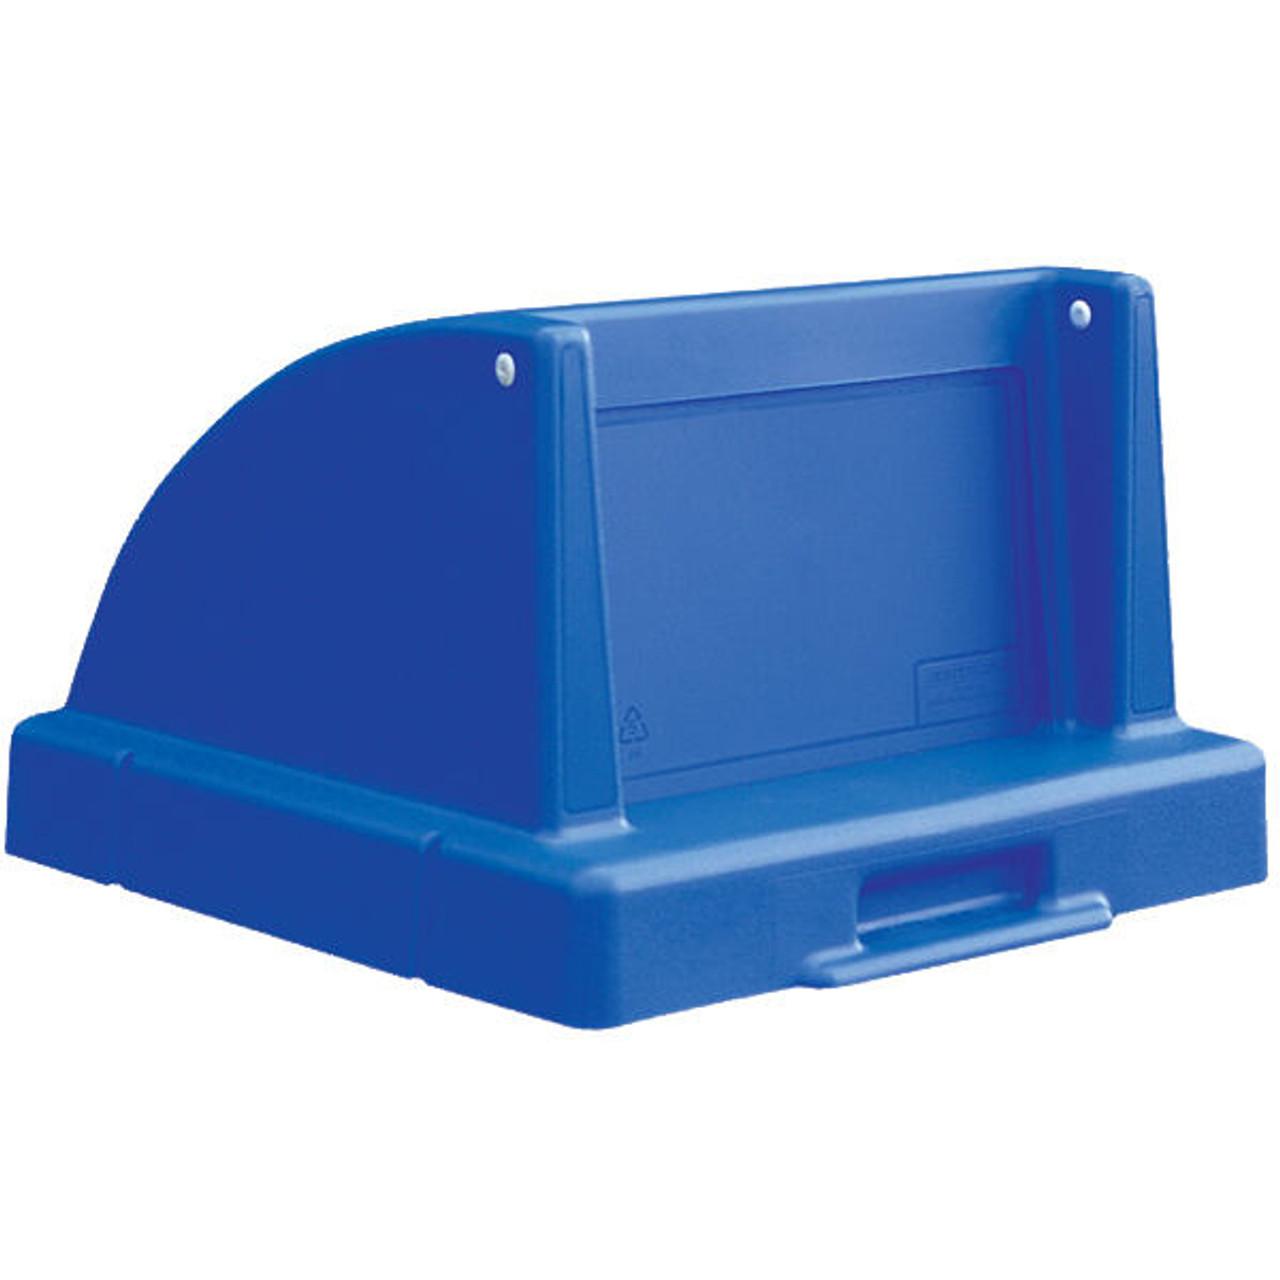 30 Gallon Square Push Door Lid Blue